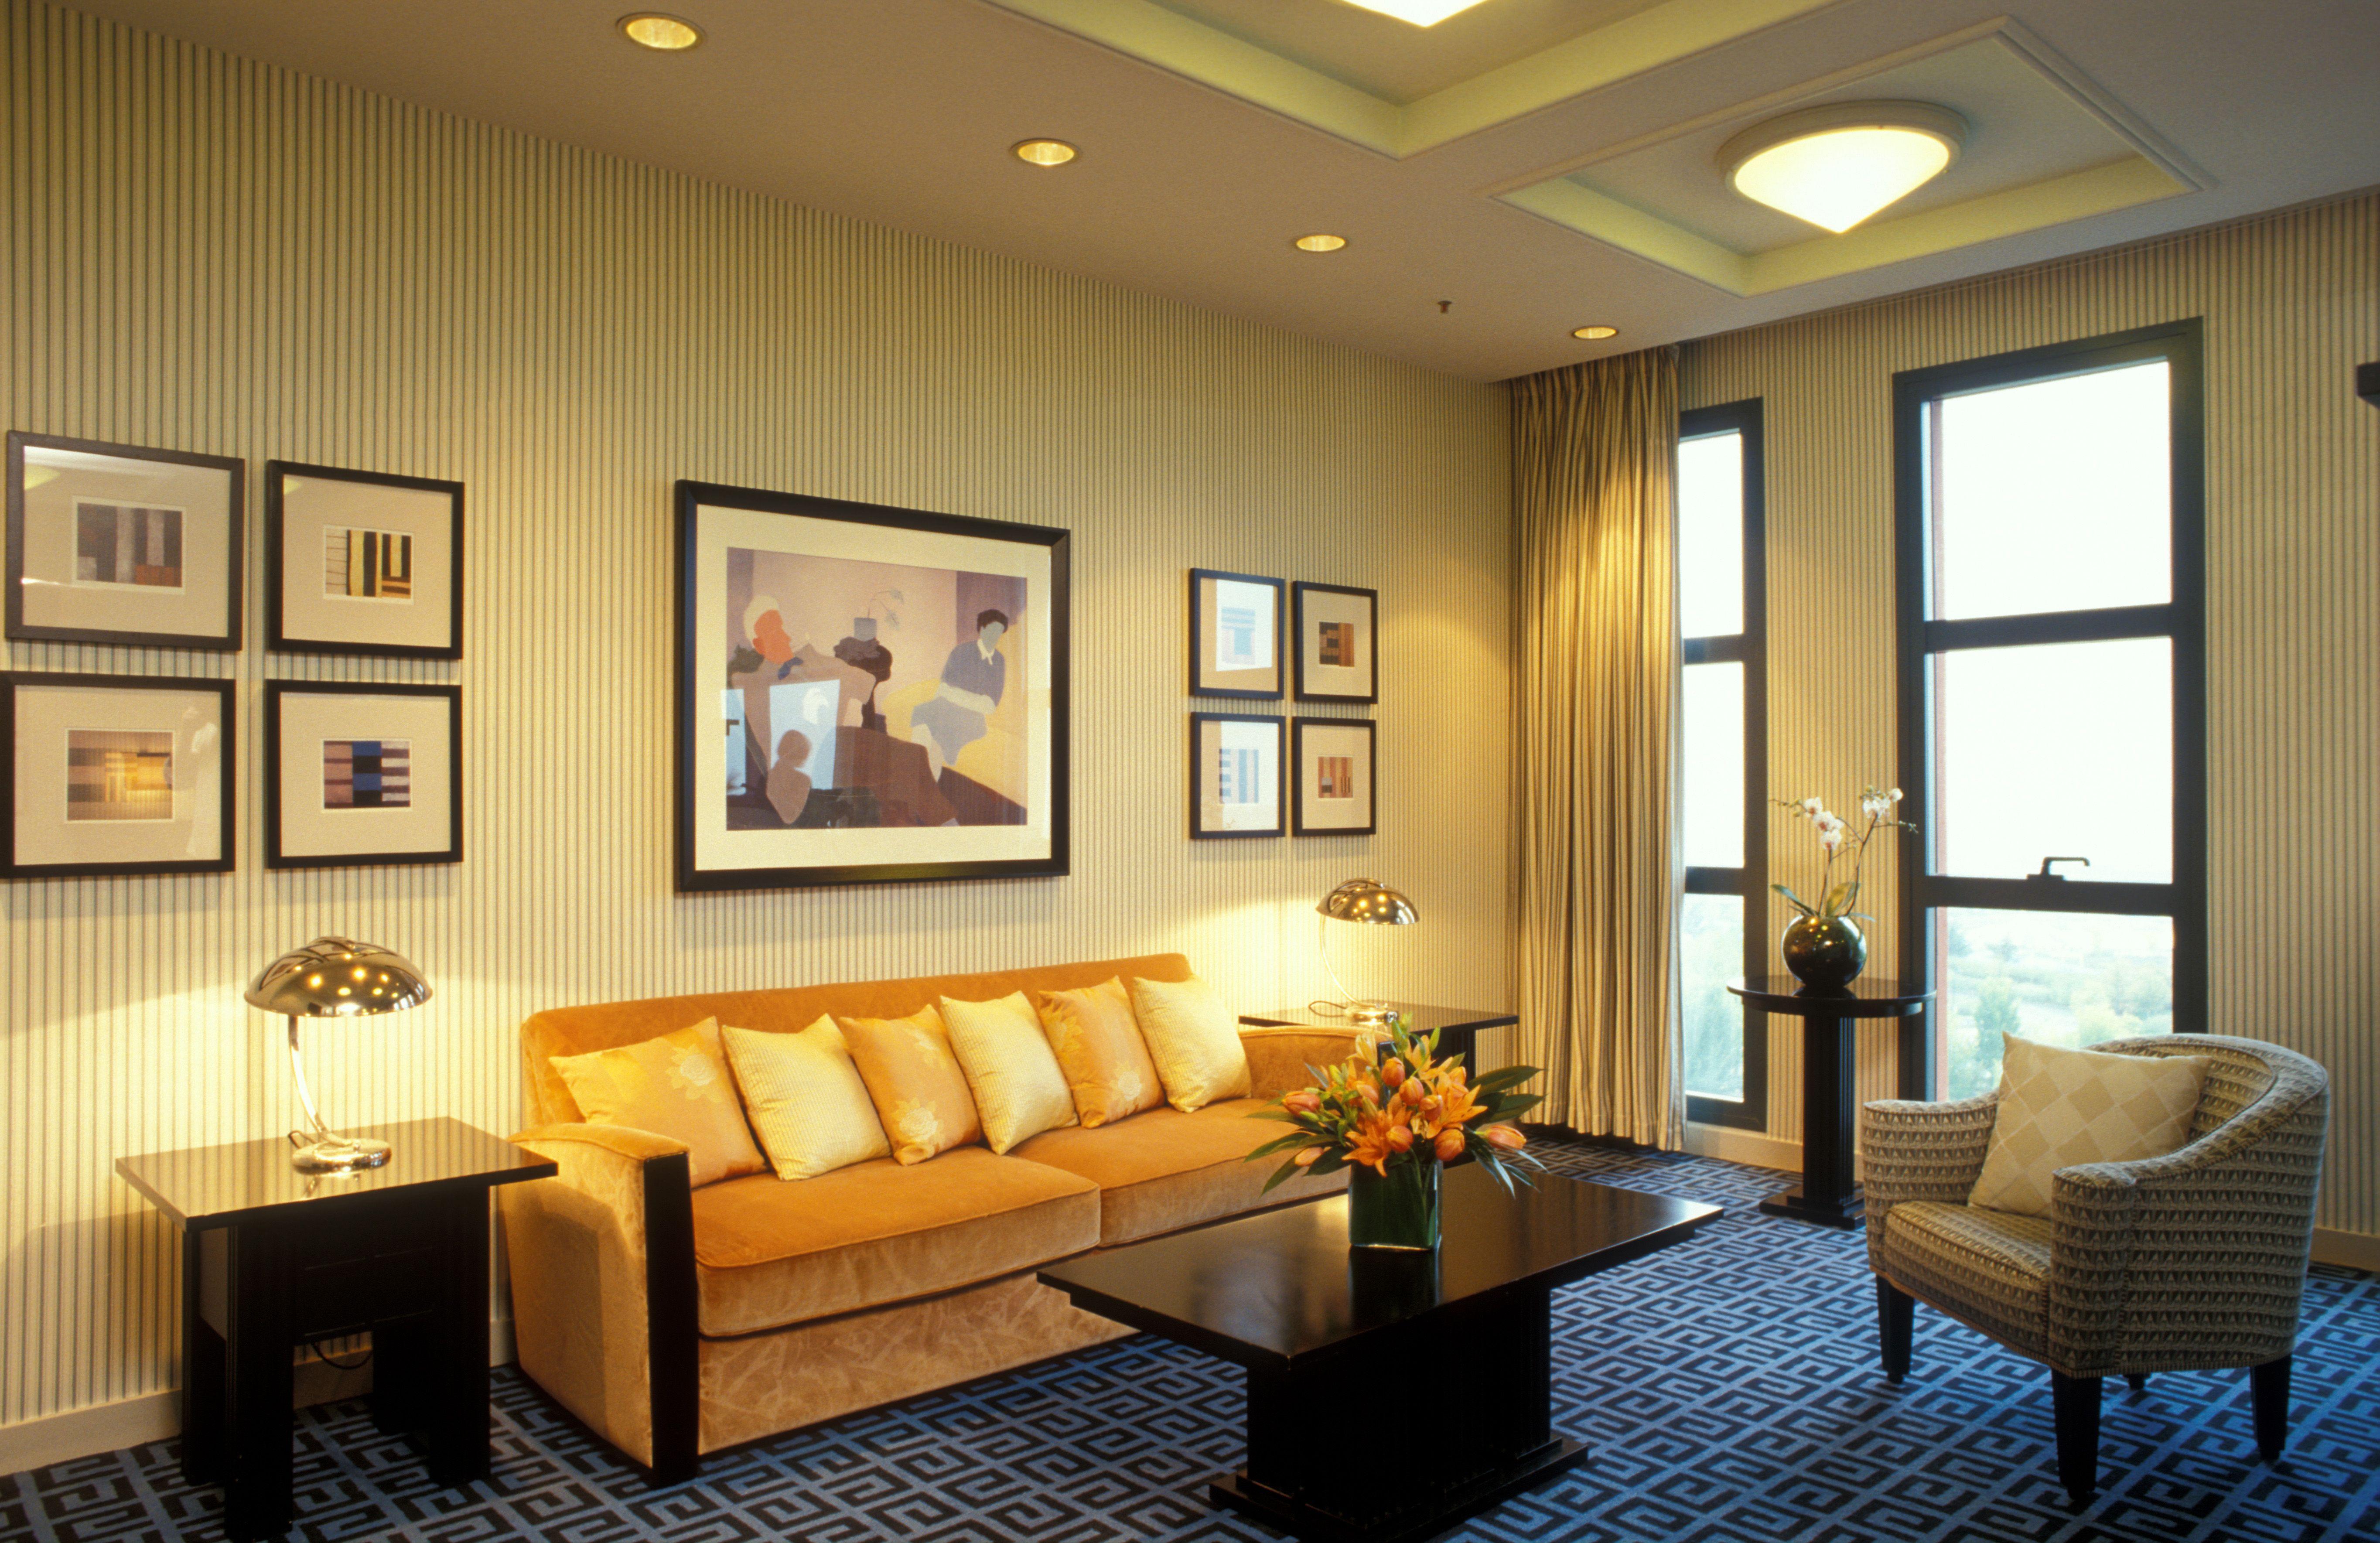 Disney Hotels Hotel New York Presidential Suite Disneyland Paris